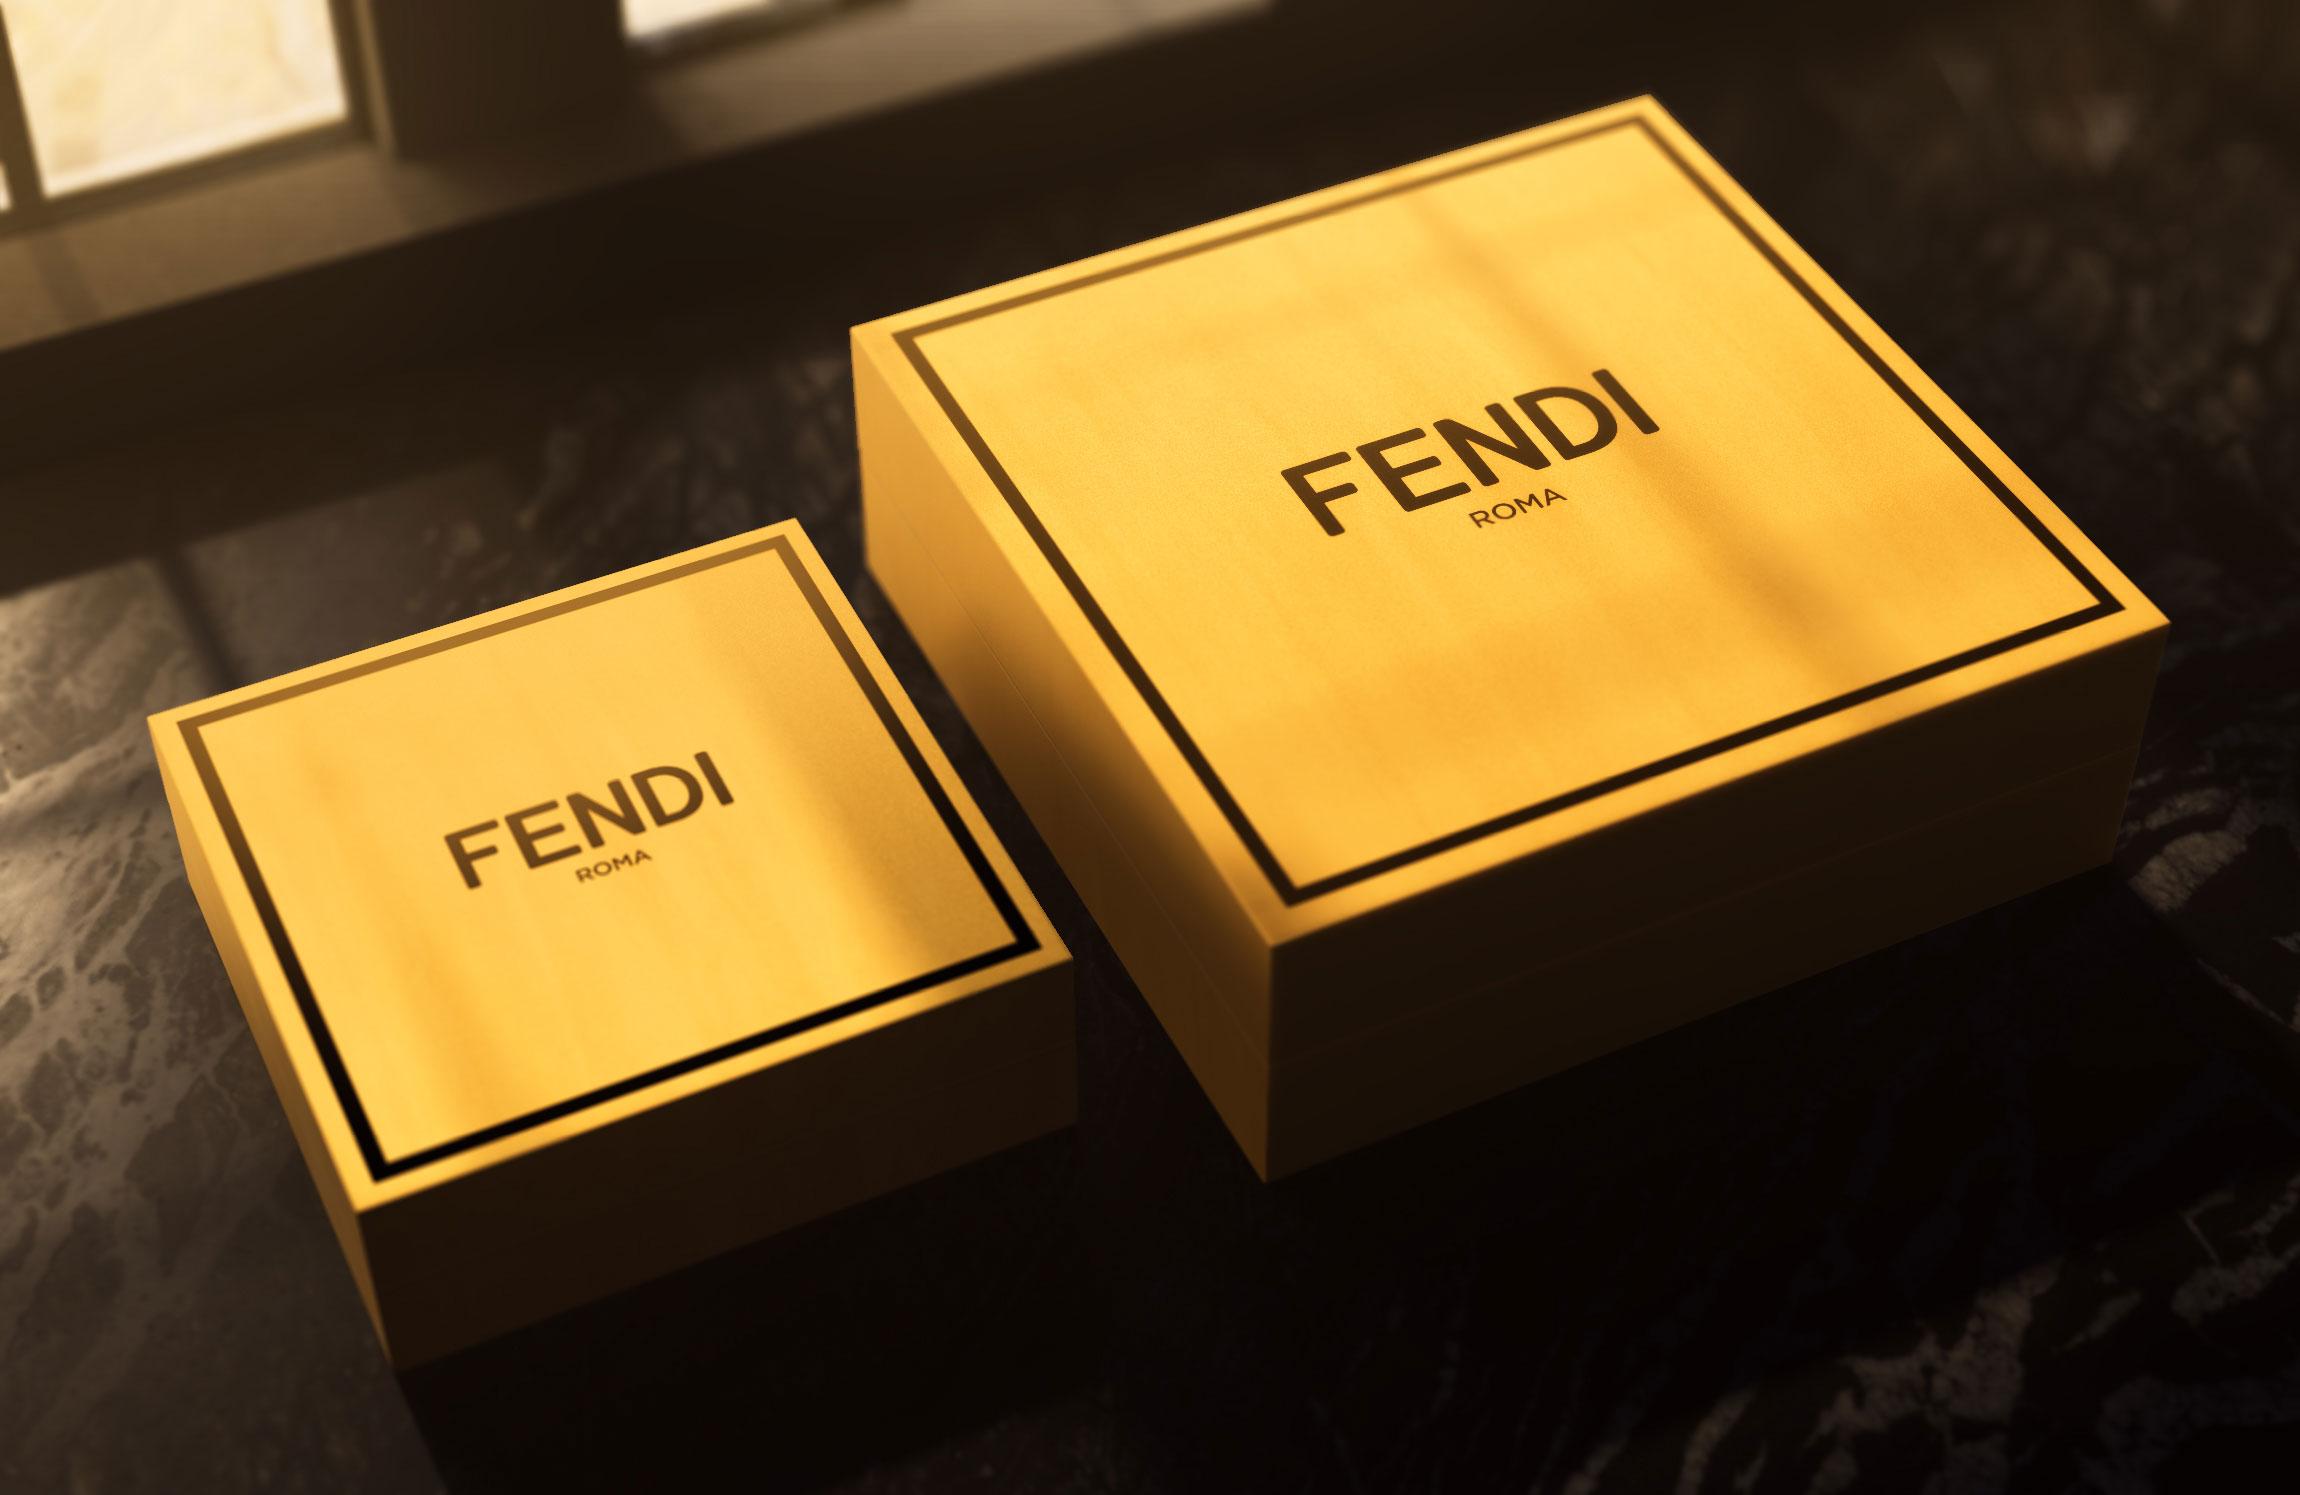 Fendi Packaging Design by George & Elaine